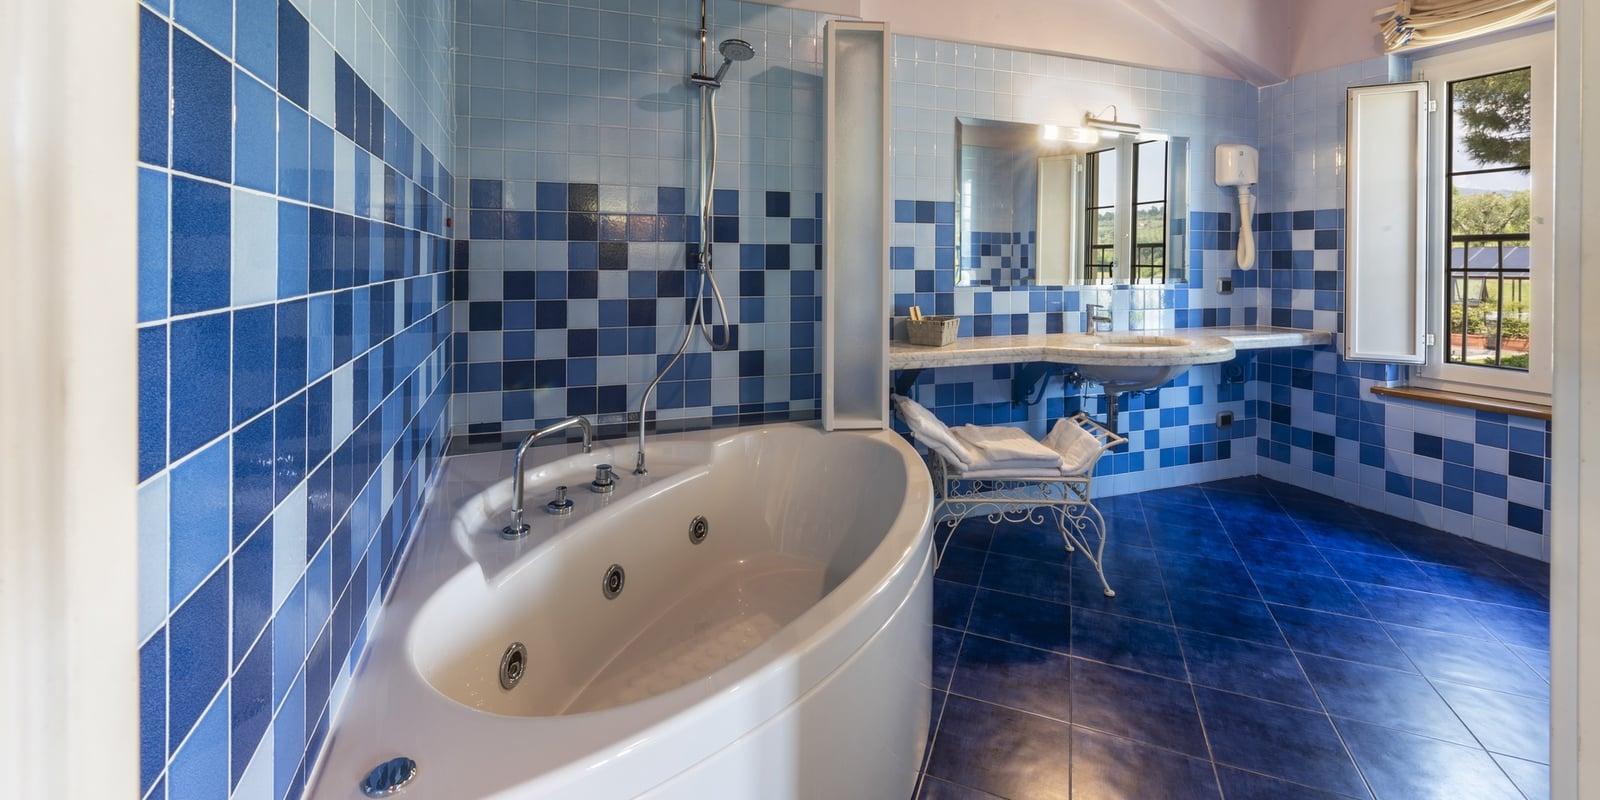 camera letto suite bagno